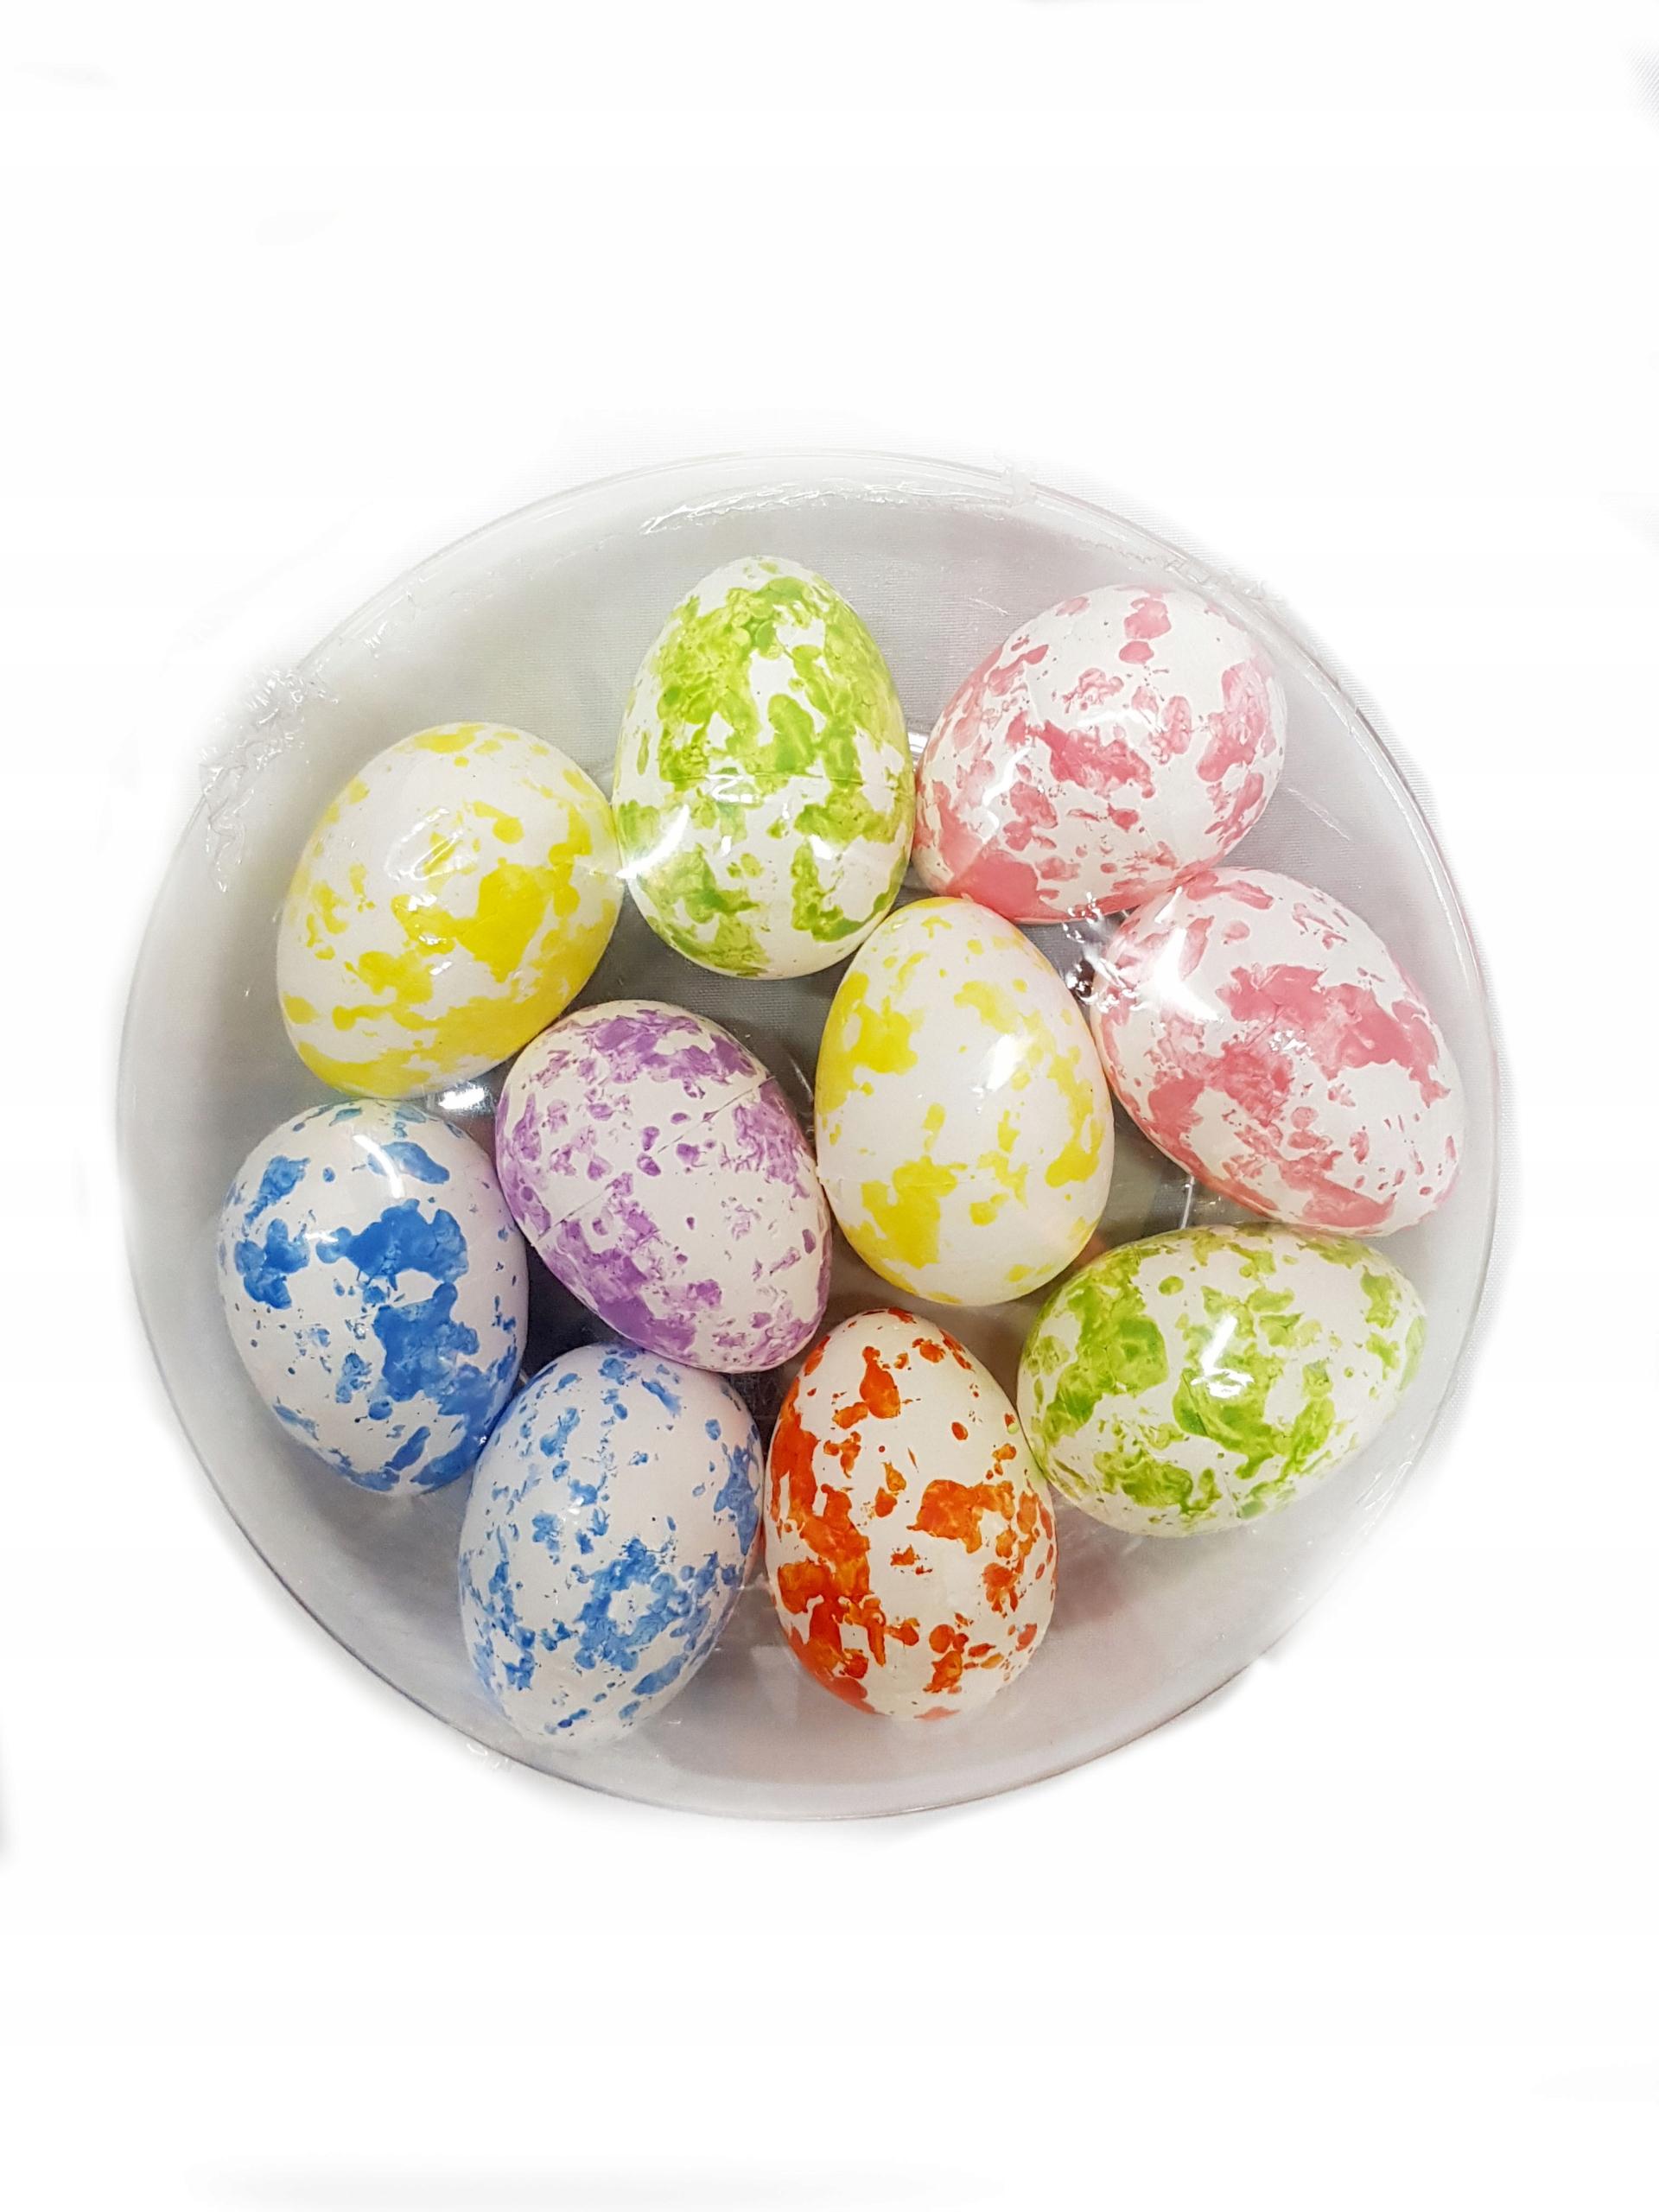 10 X Kolorowe Jajka Wielkanocne Pisanki Stroik 4cm 7902039663 Allegro Pl